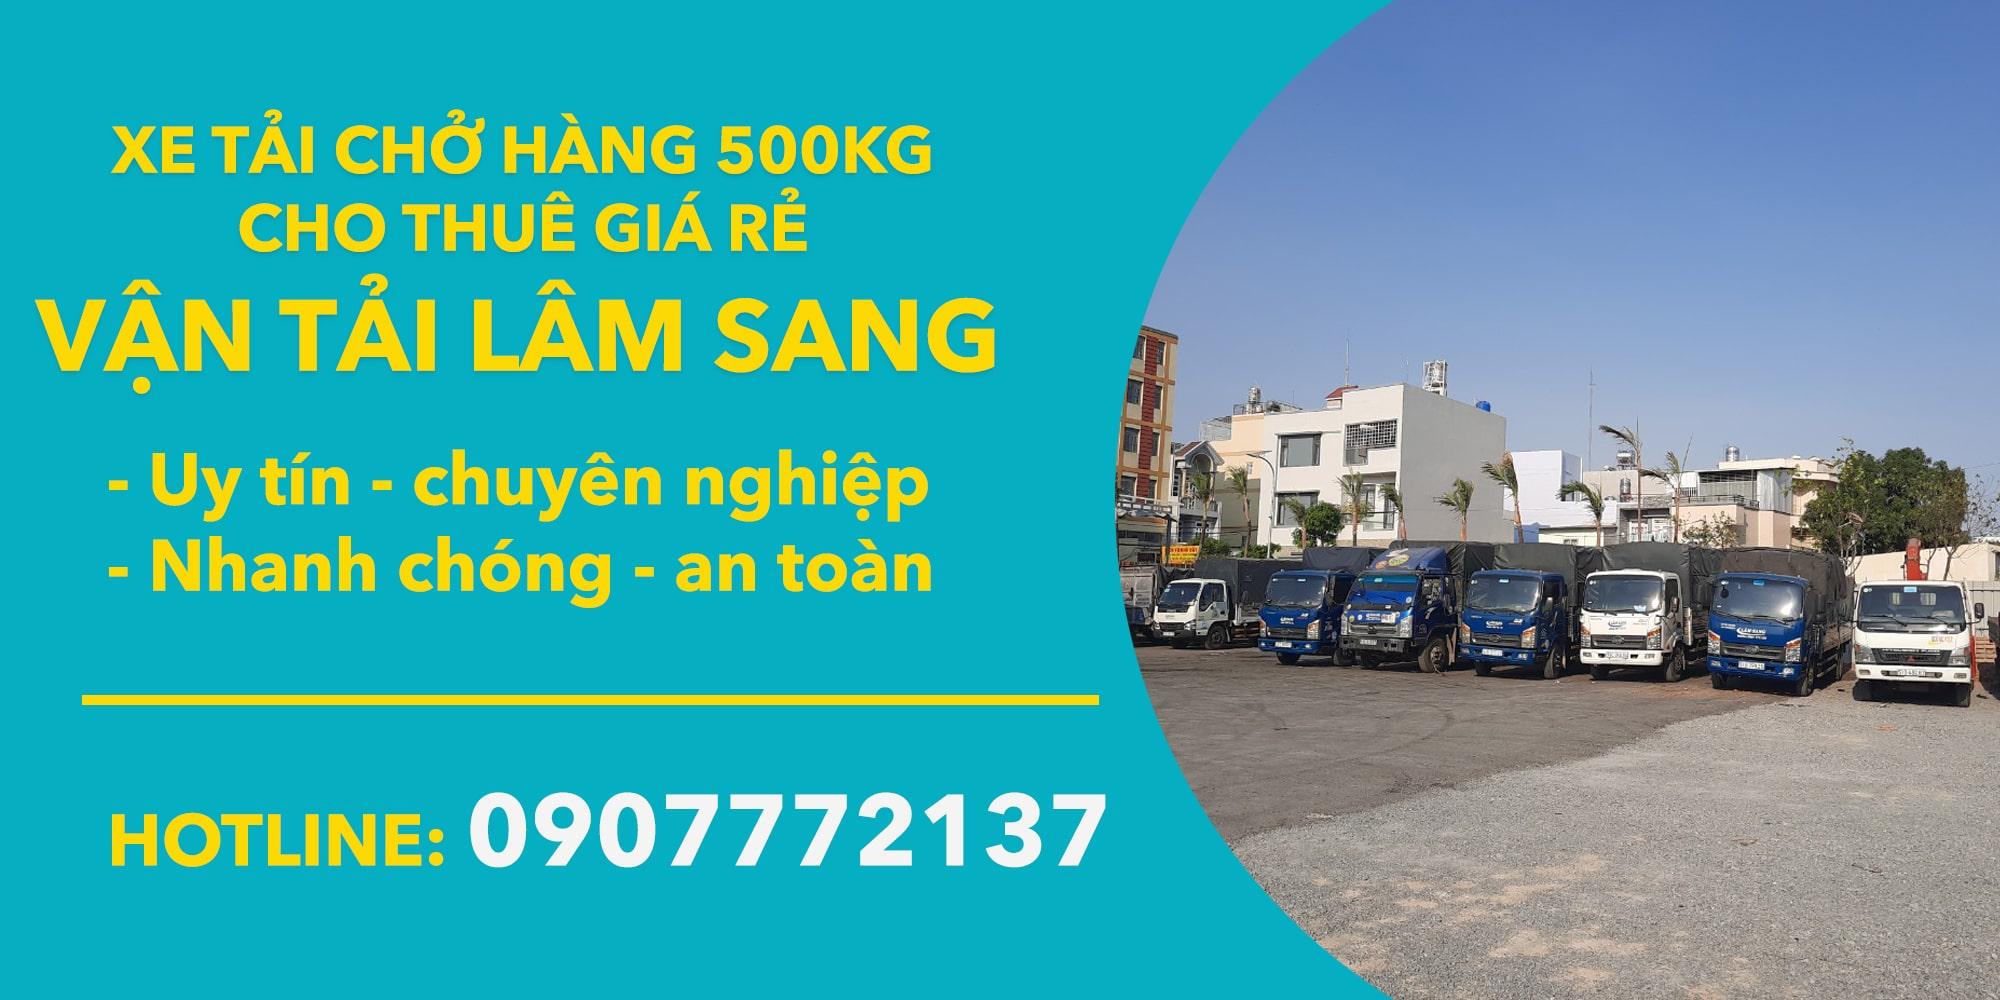 Xe tải chở hàng cho thuê 500kg giá rẻ tại TPHCM [ Lâm Sang ]